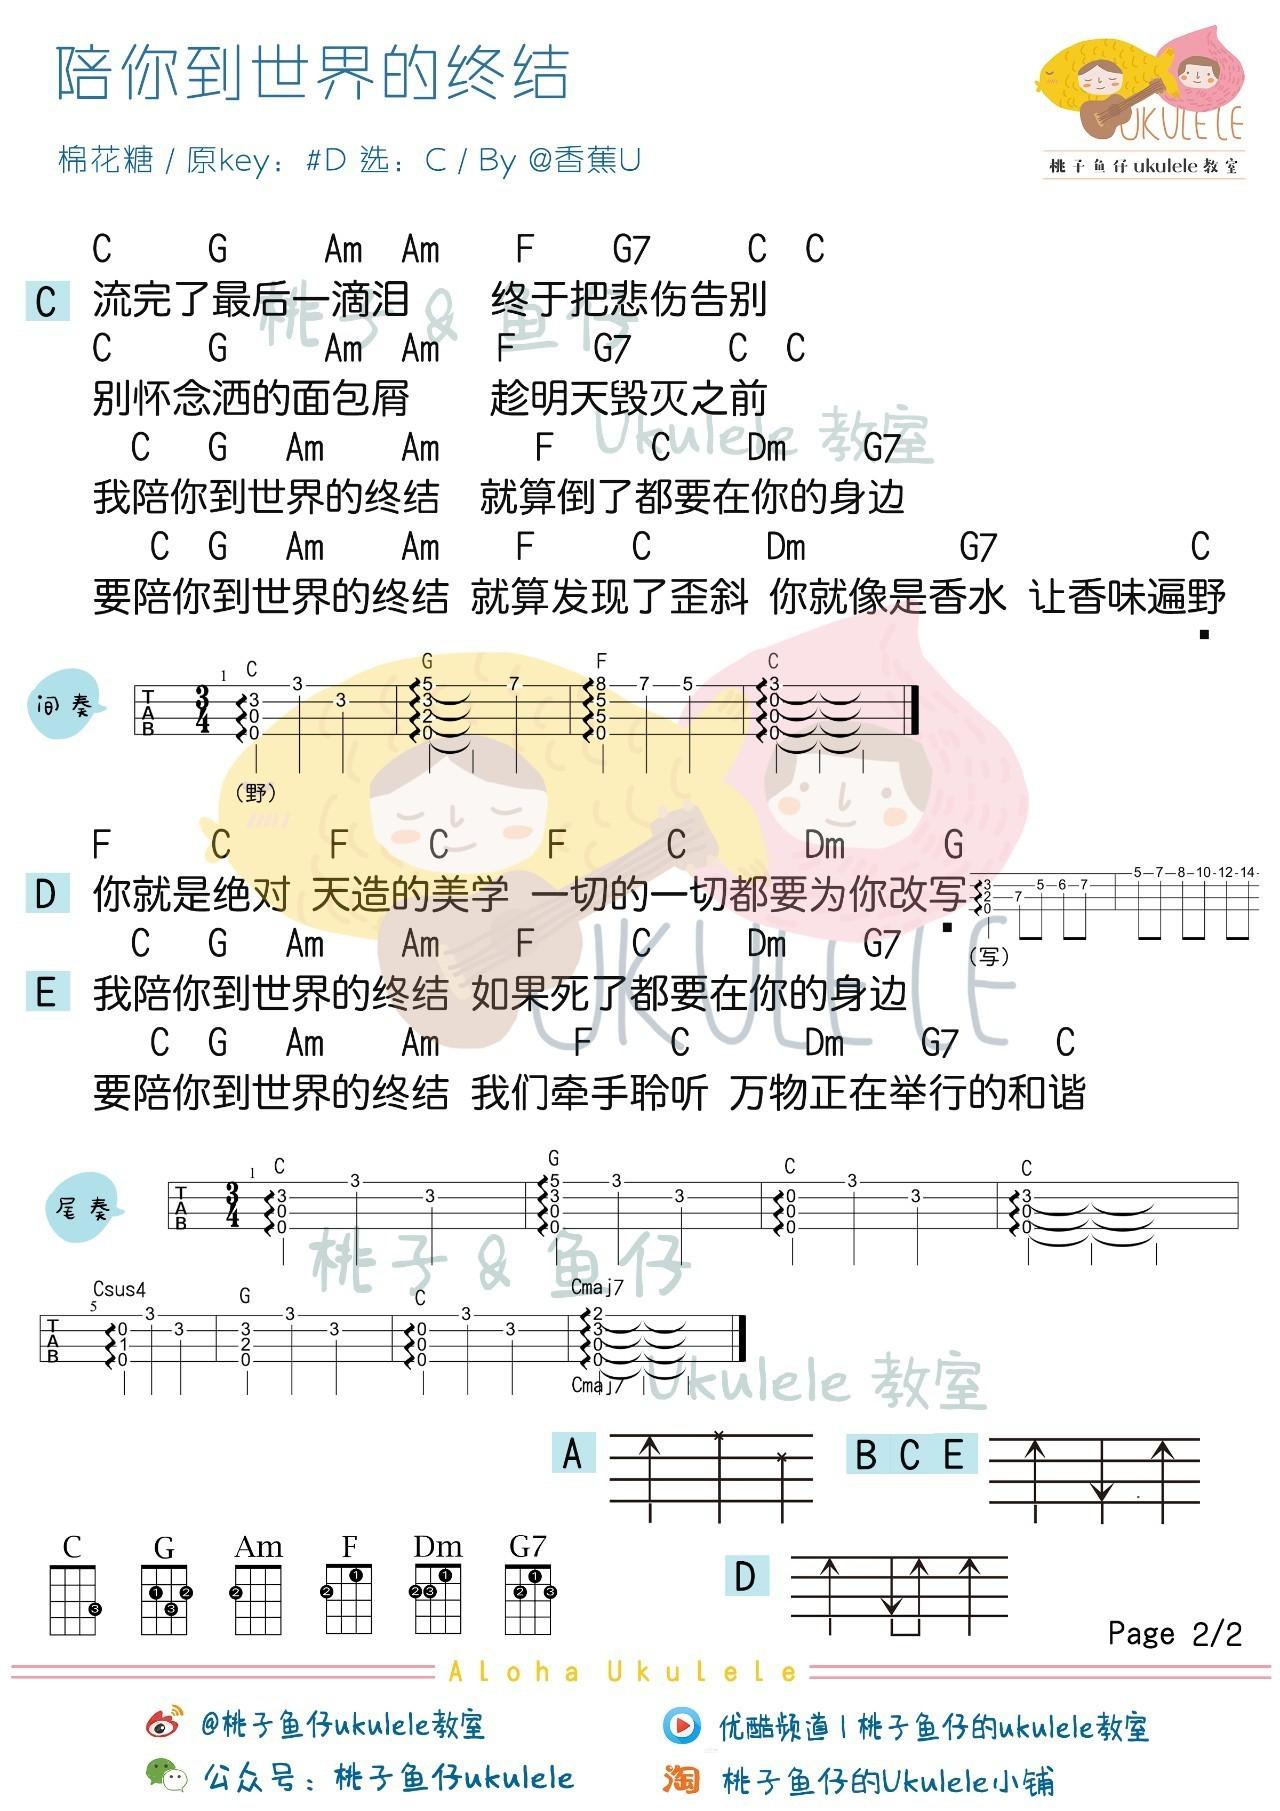 《陪你到世界的终结》ukulele谱